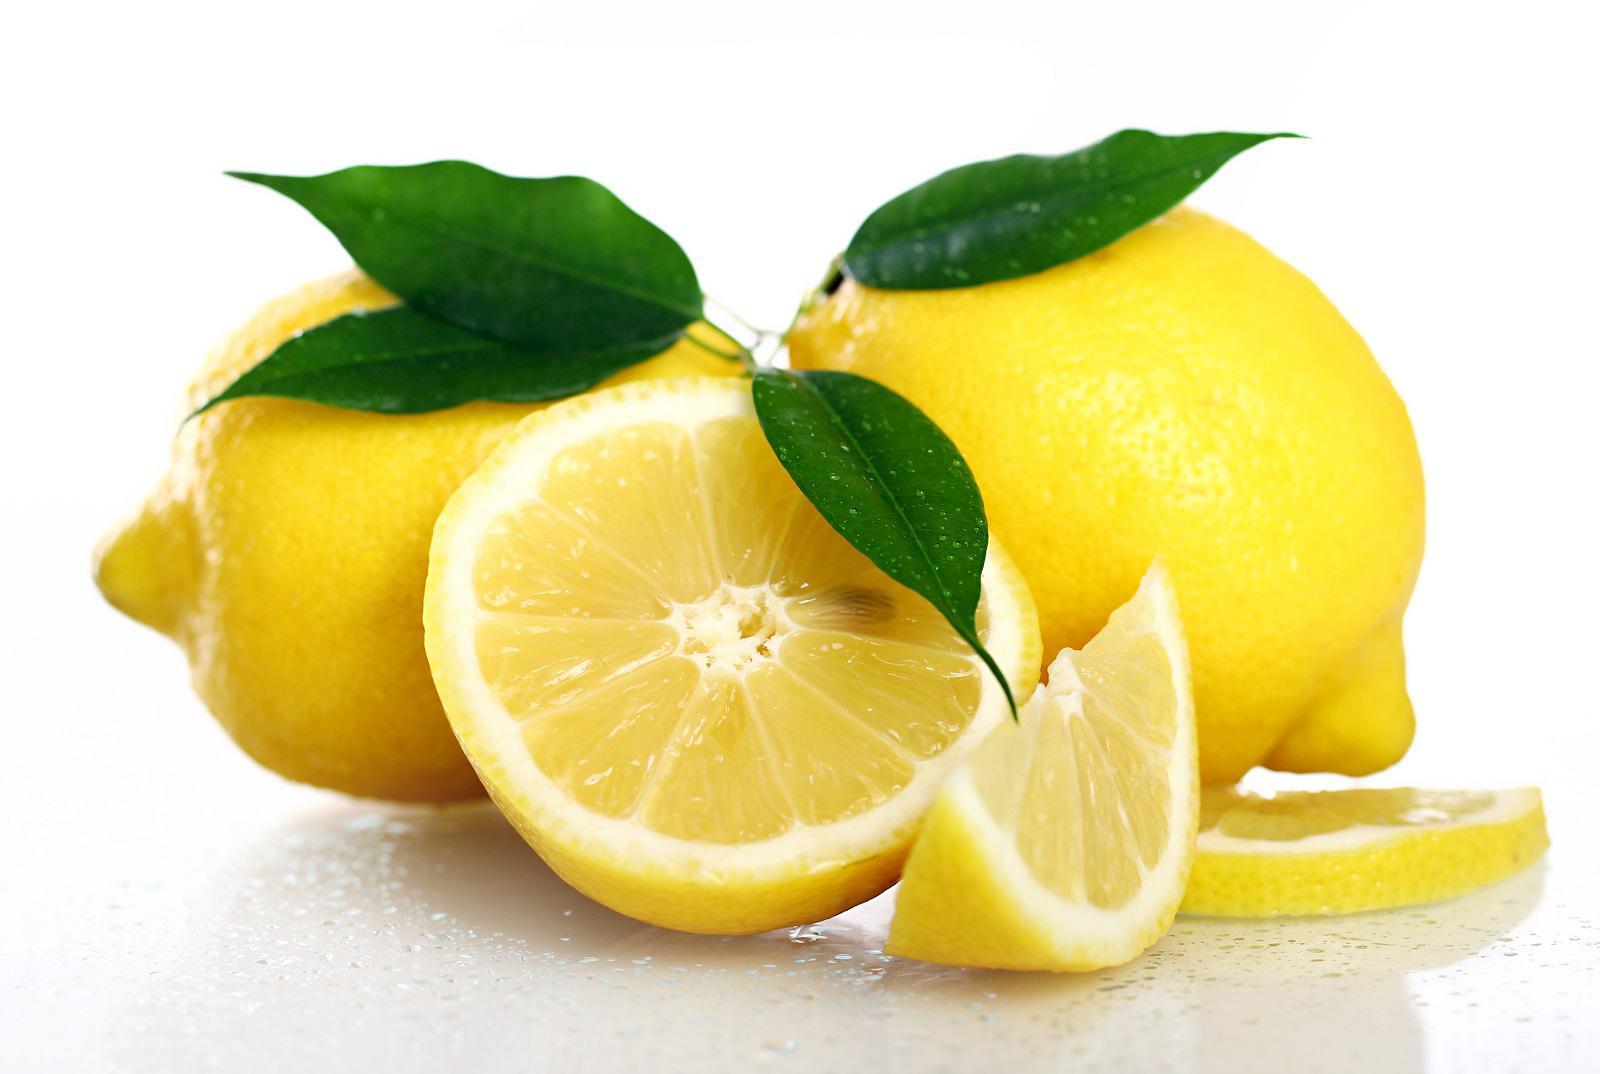 Close up of fresh and wet lemons isolated on white background